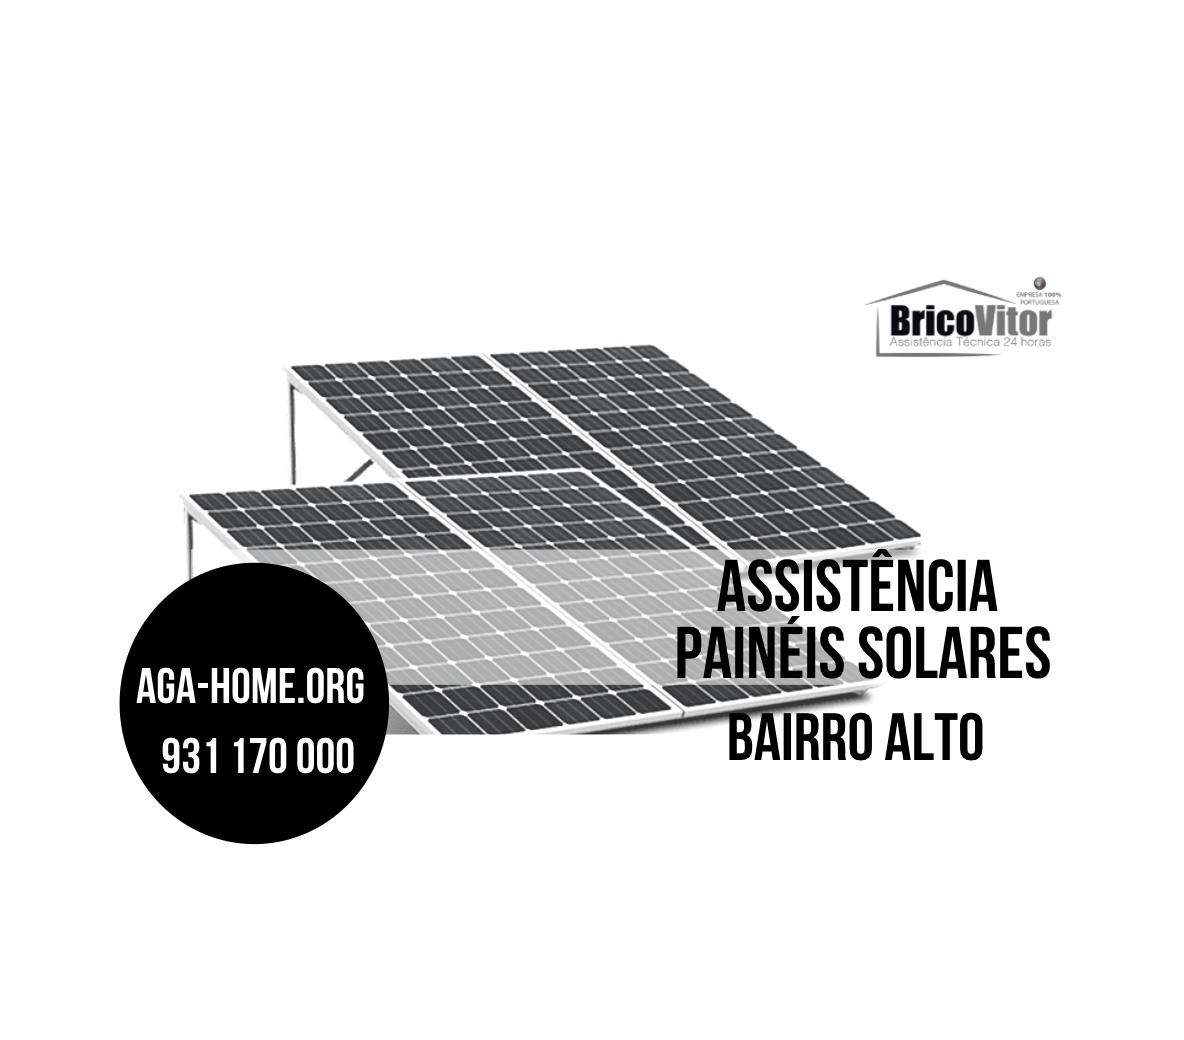 Assistência Painéis Solares Bairro Alto